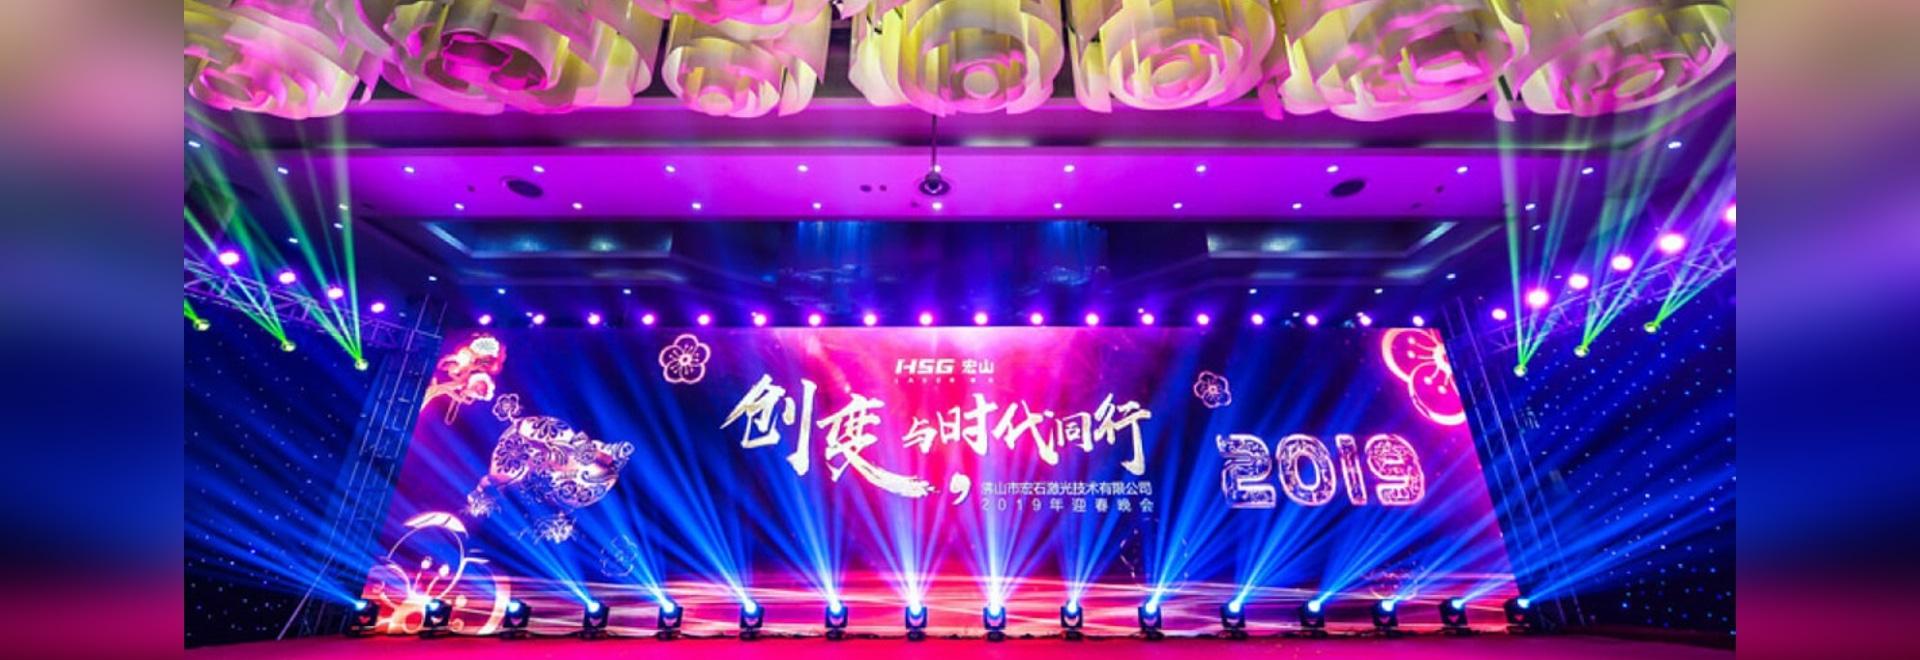 Innover pour changer - Suivre le rythme du temps Conférence de synthèse annuelle et gala de l'année 2019 du HSG Laser 2018